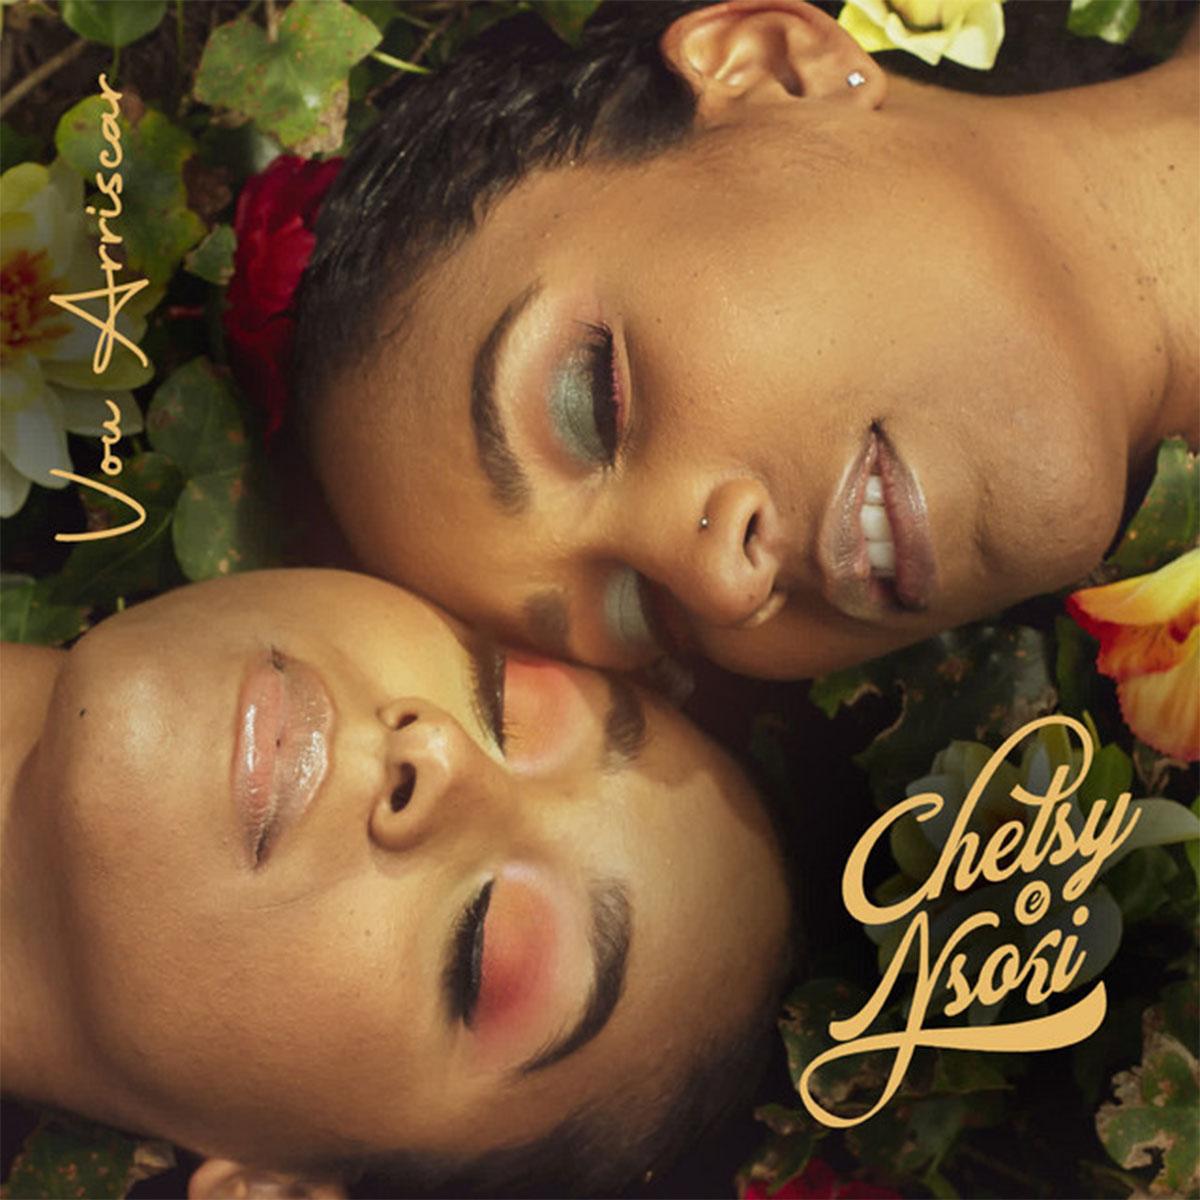 Chelsy Shantel & Nsoki - Vou Arriscar